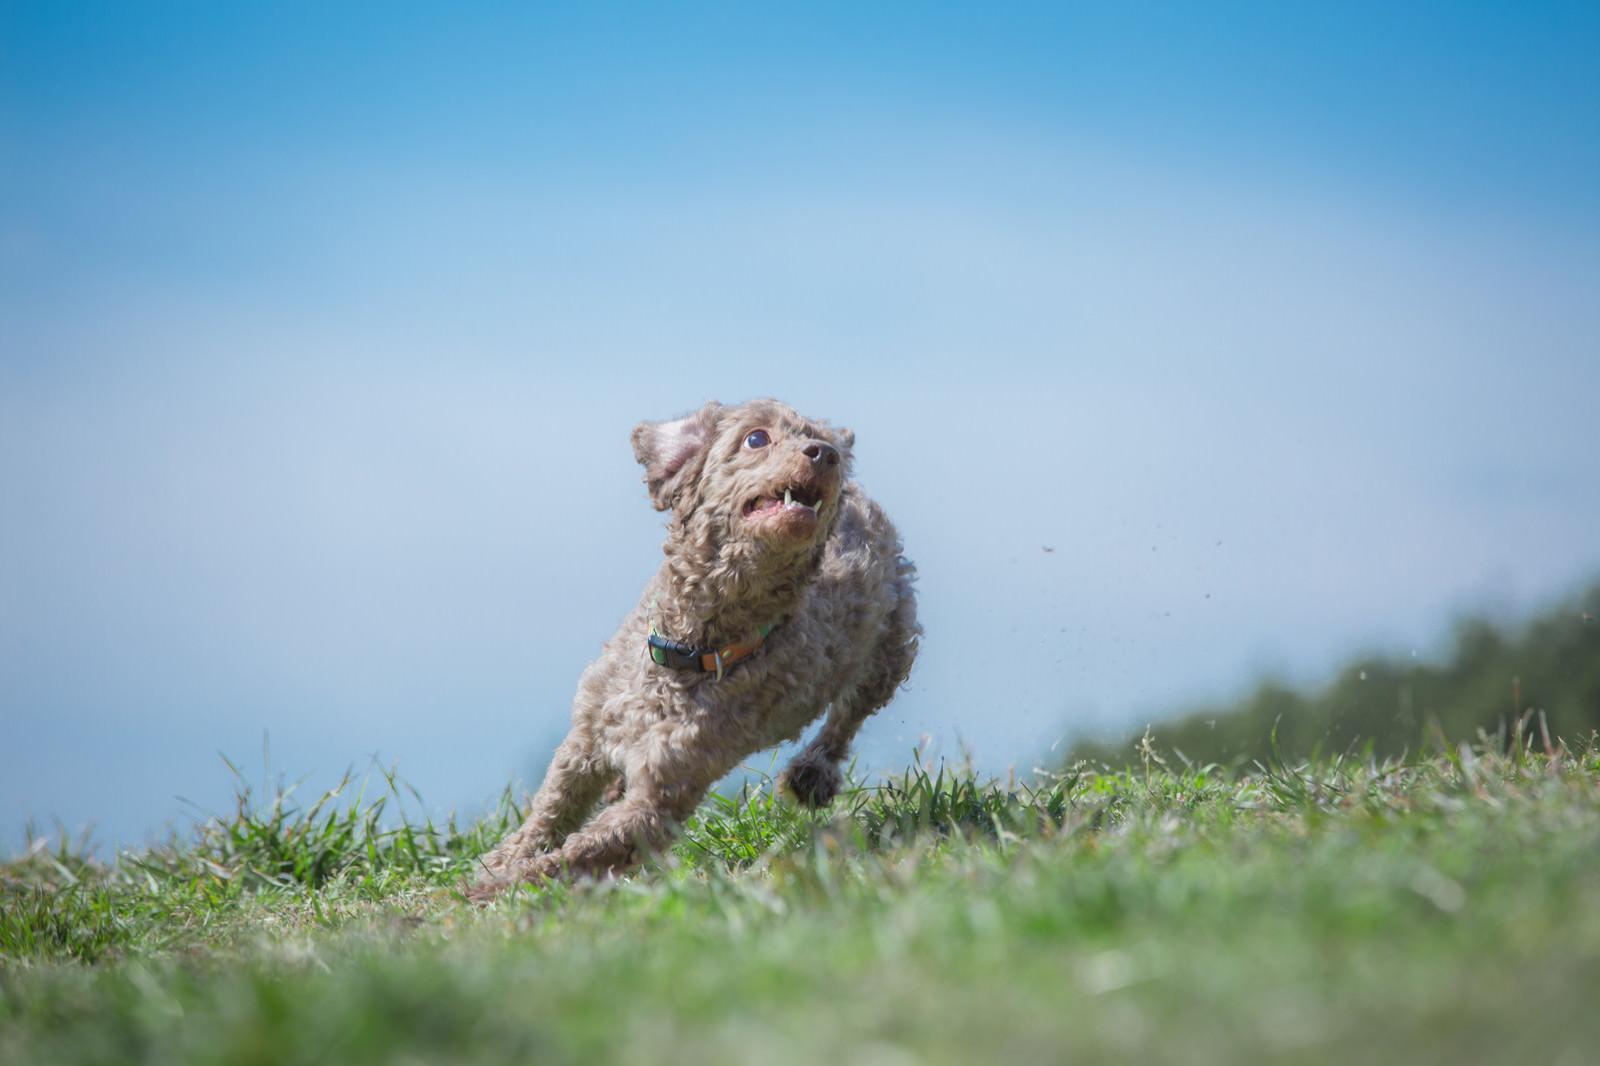 「ダッシュする犬ダッシュする犬」のフリー写真素材を拡大